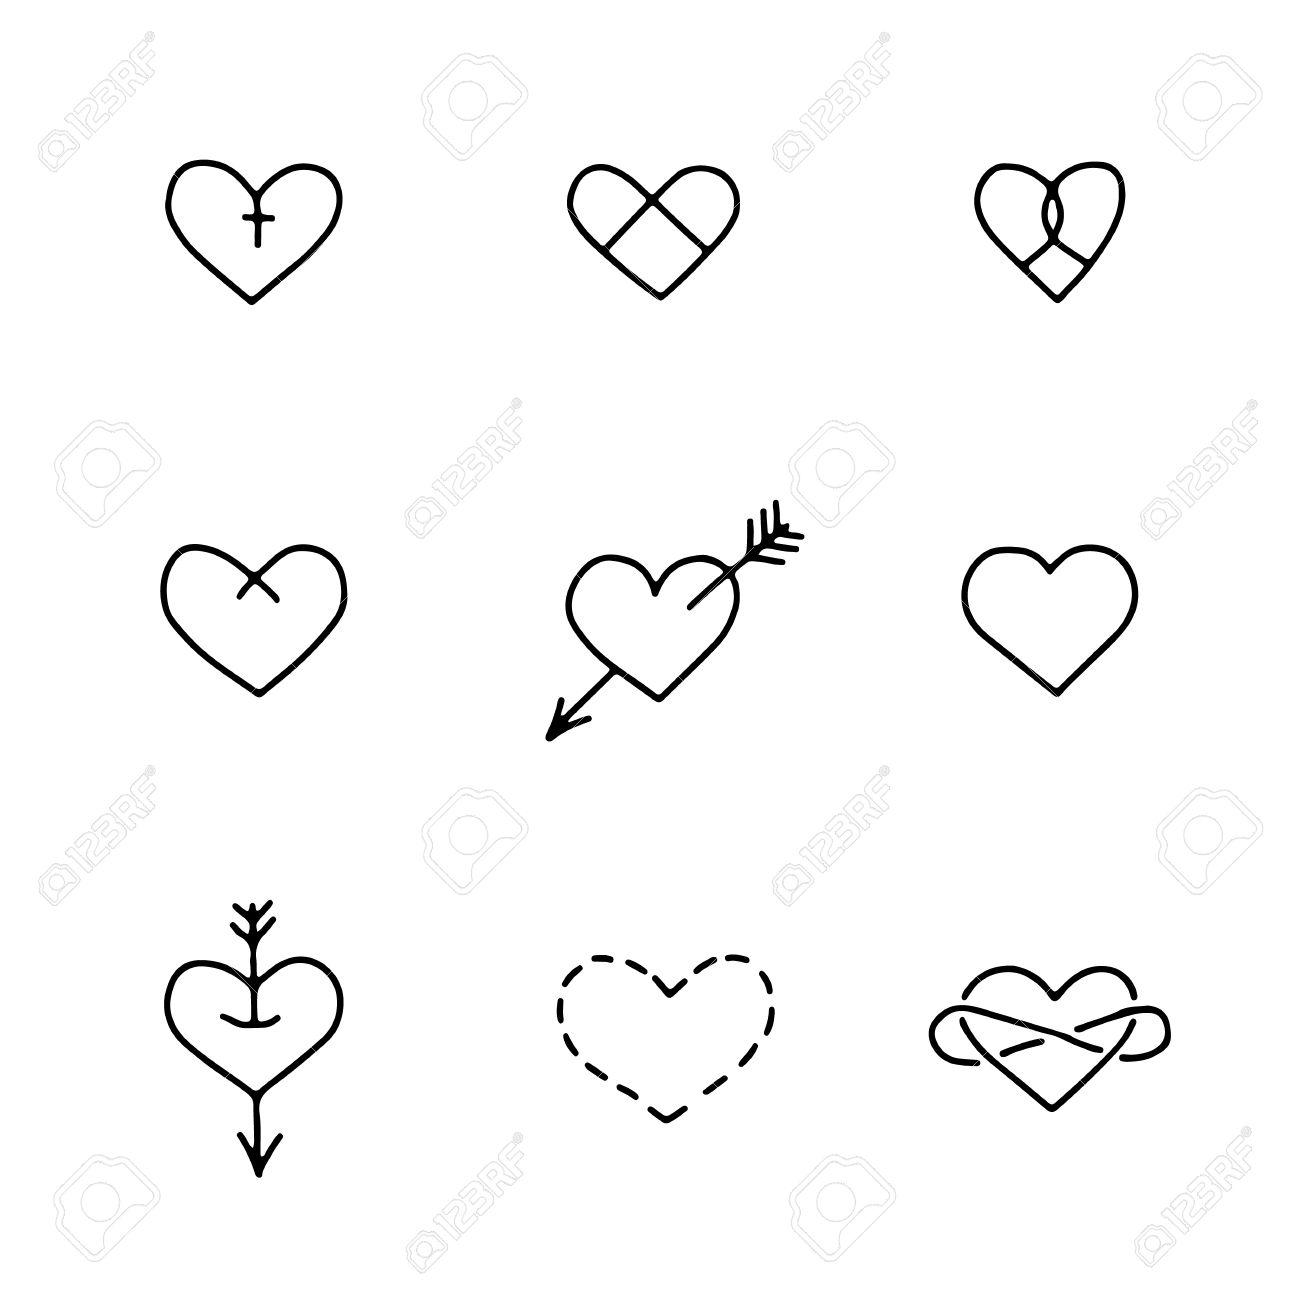 Ensemble De Neuf Coeurs Dessines A La Main Dans Le Style De Tatouage